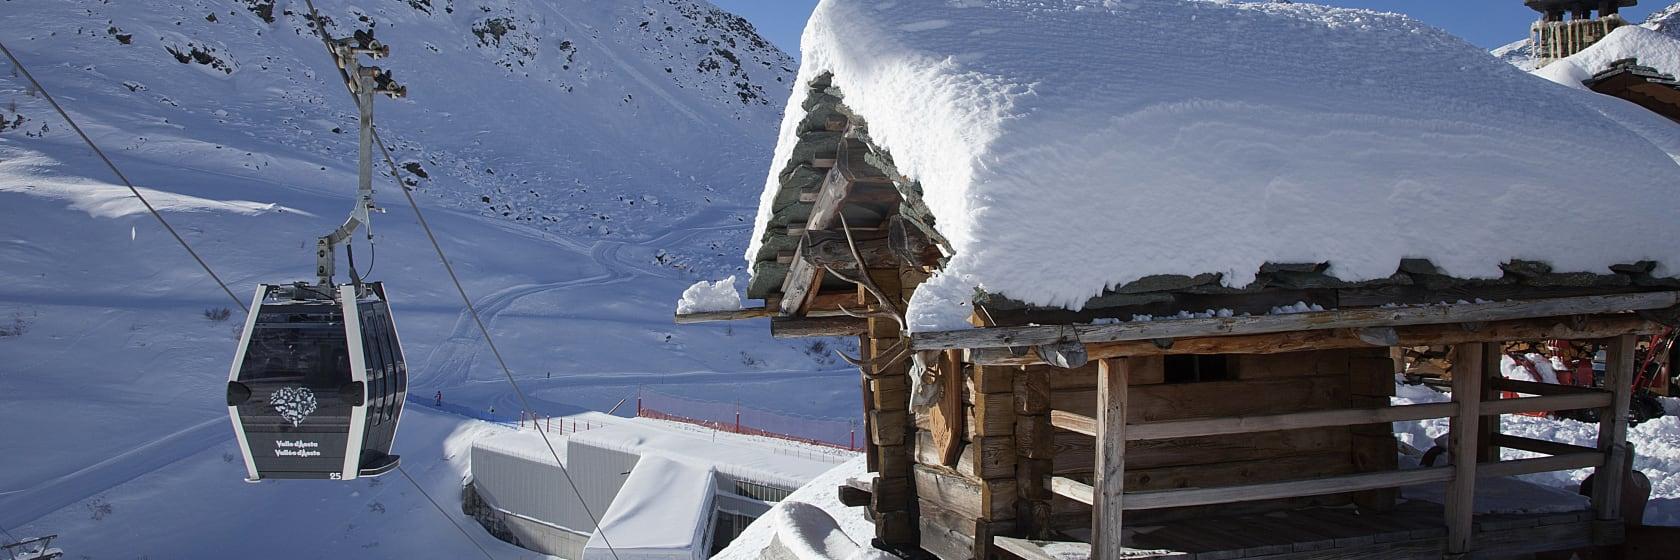 Skihytte med sne på taget i skiområde med skilift i Alperne